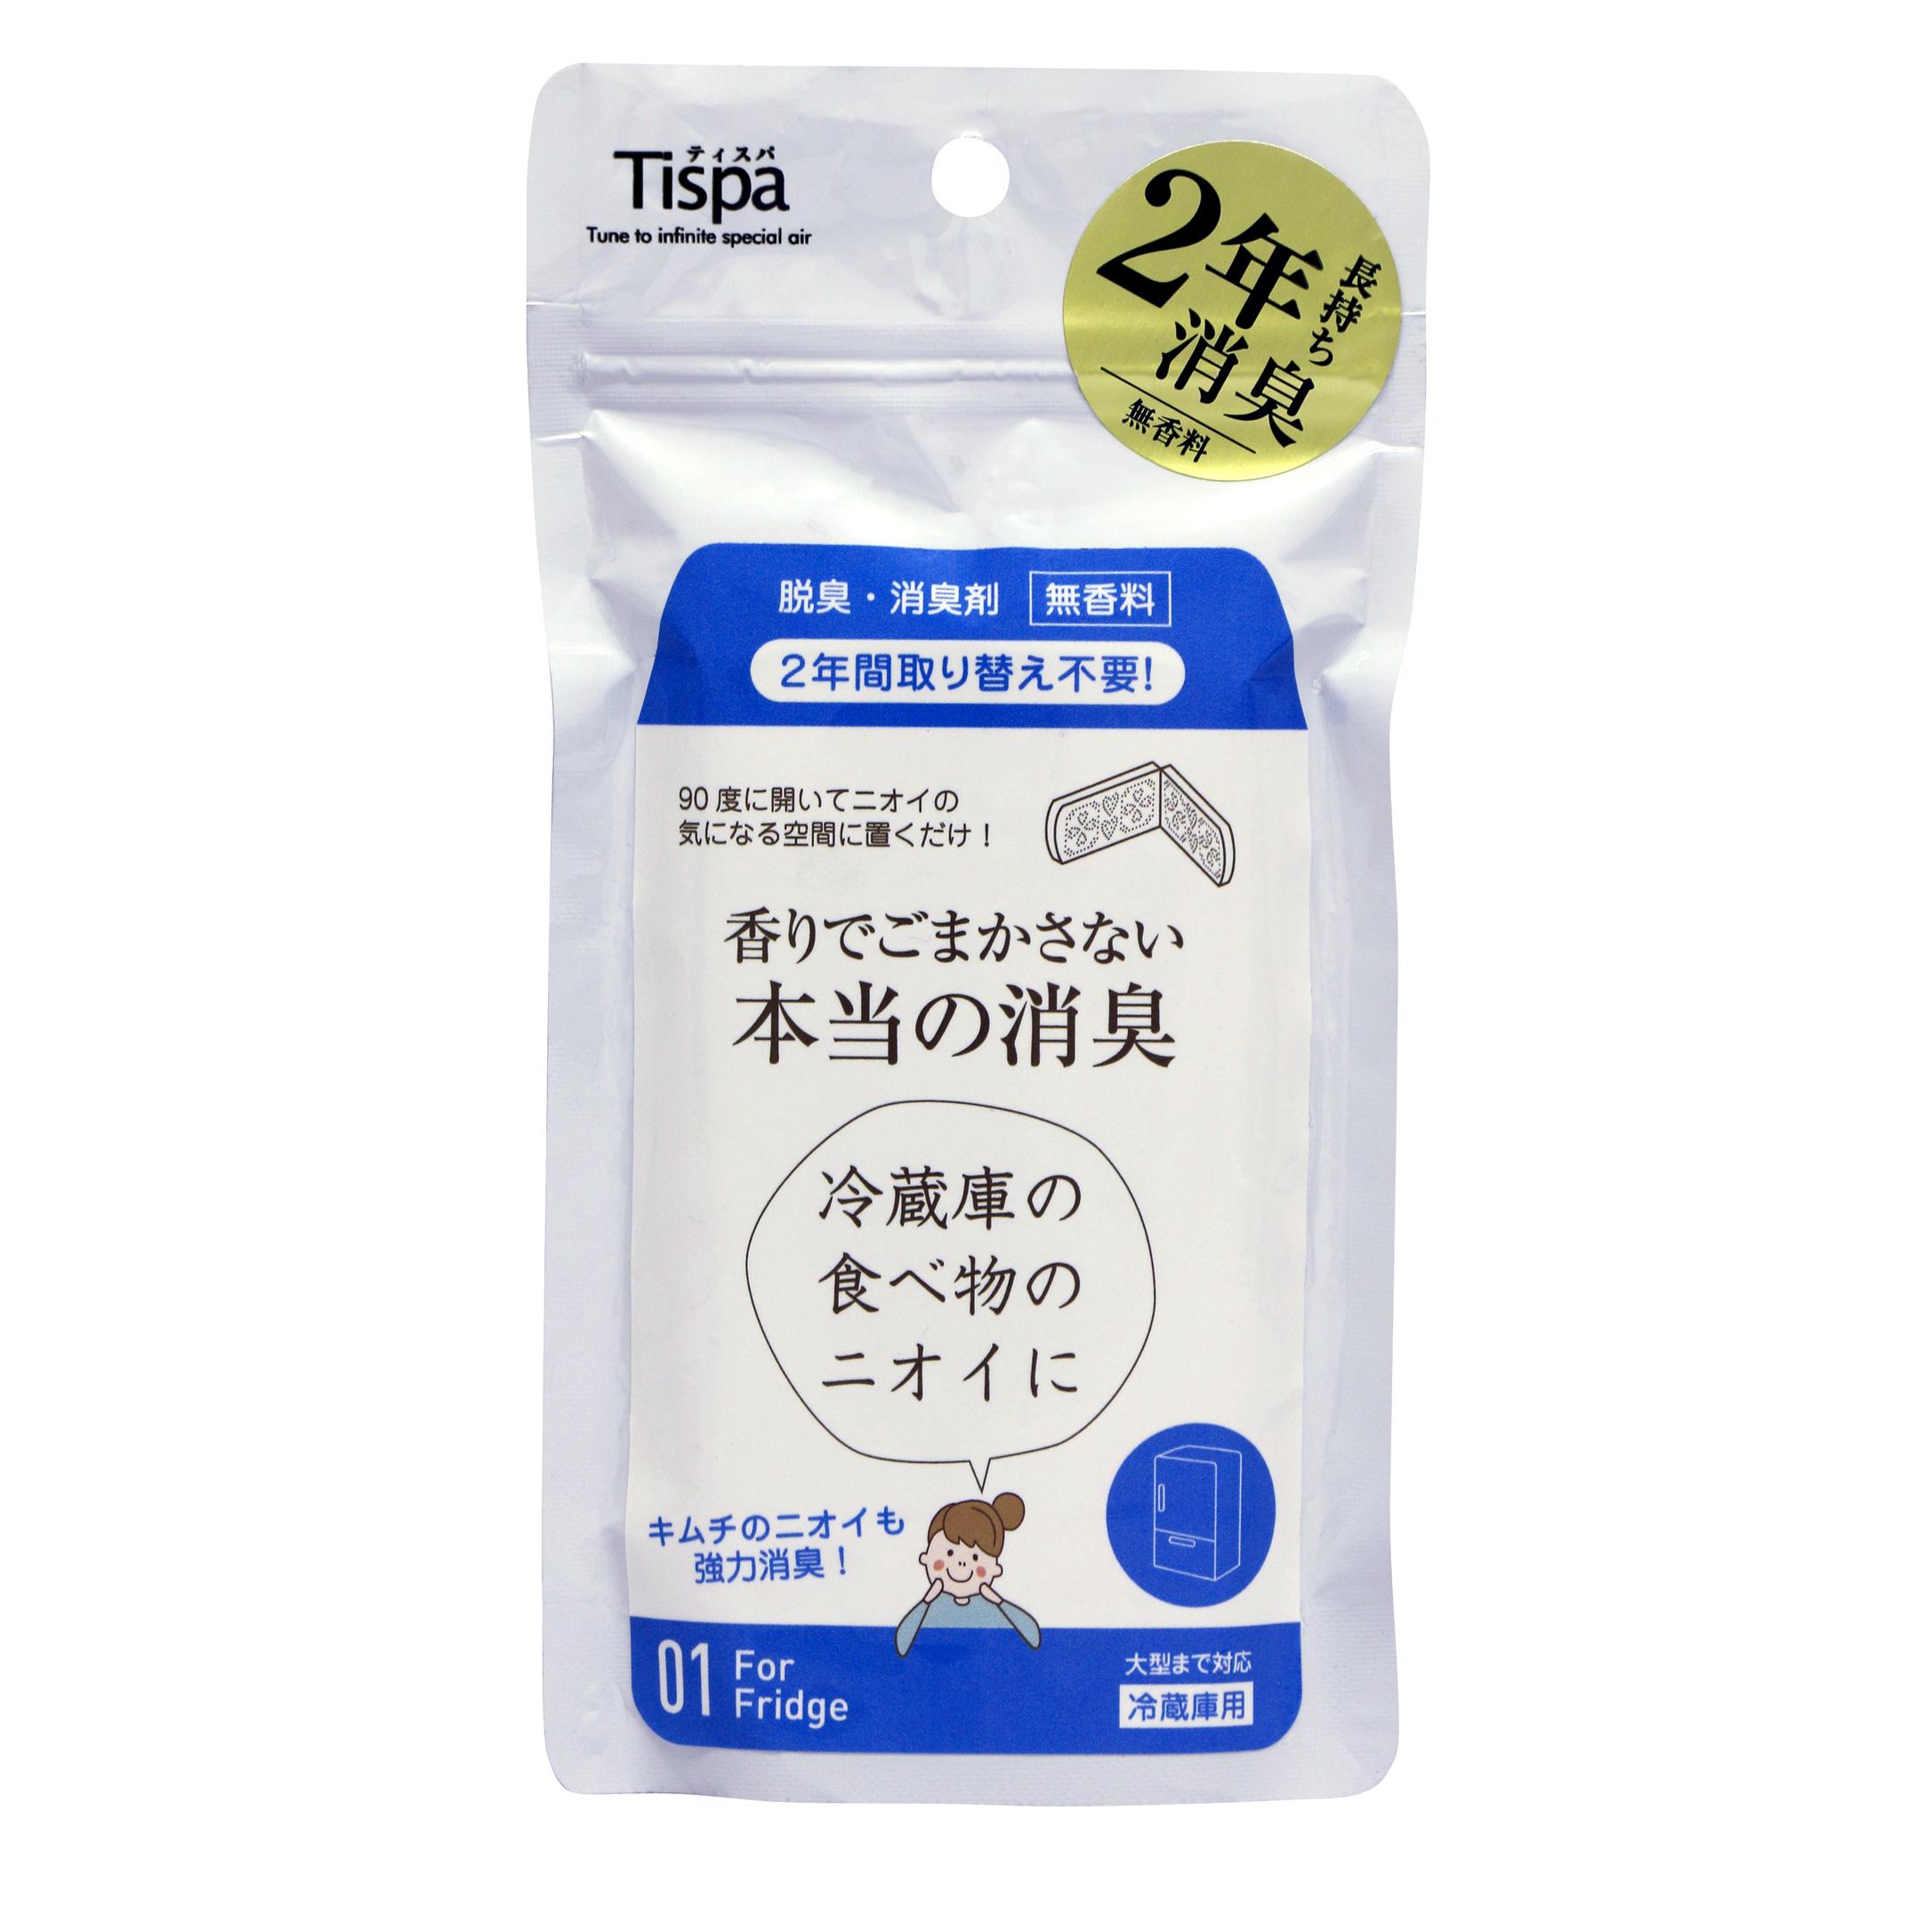 Tispa 香りでごまかさない本当の消臭 冷蔵庫用